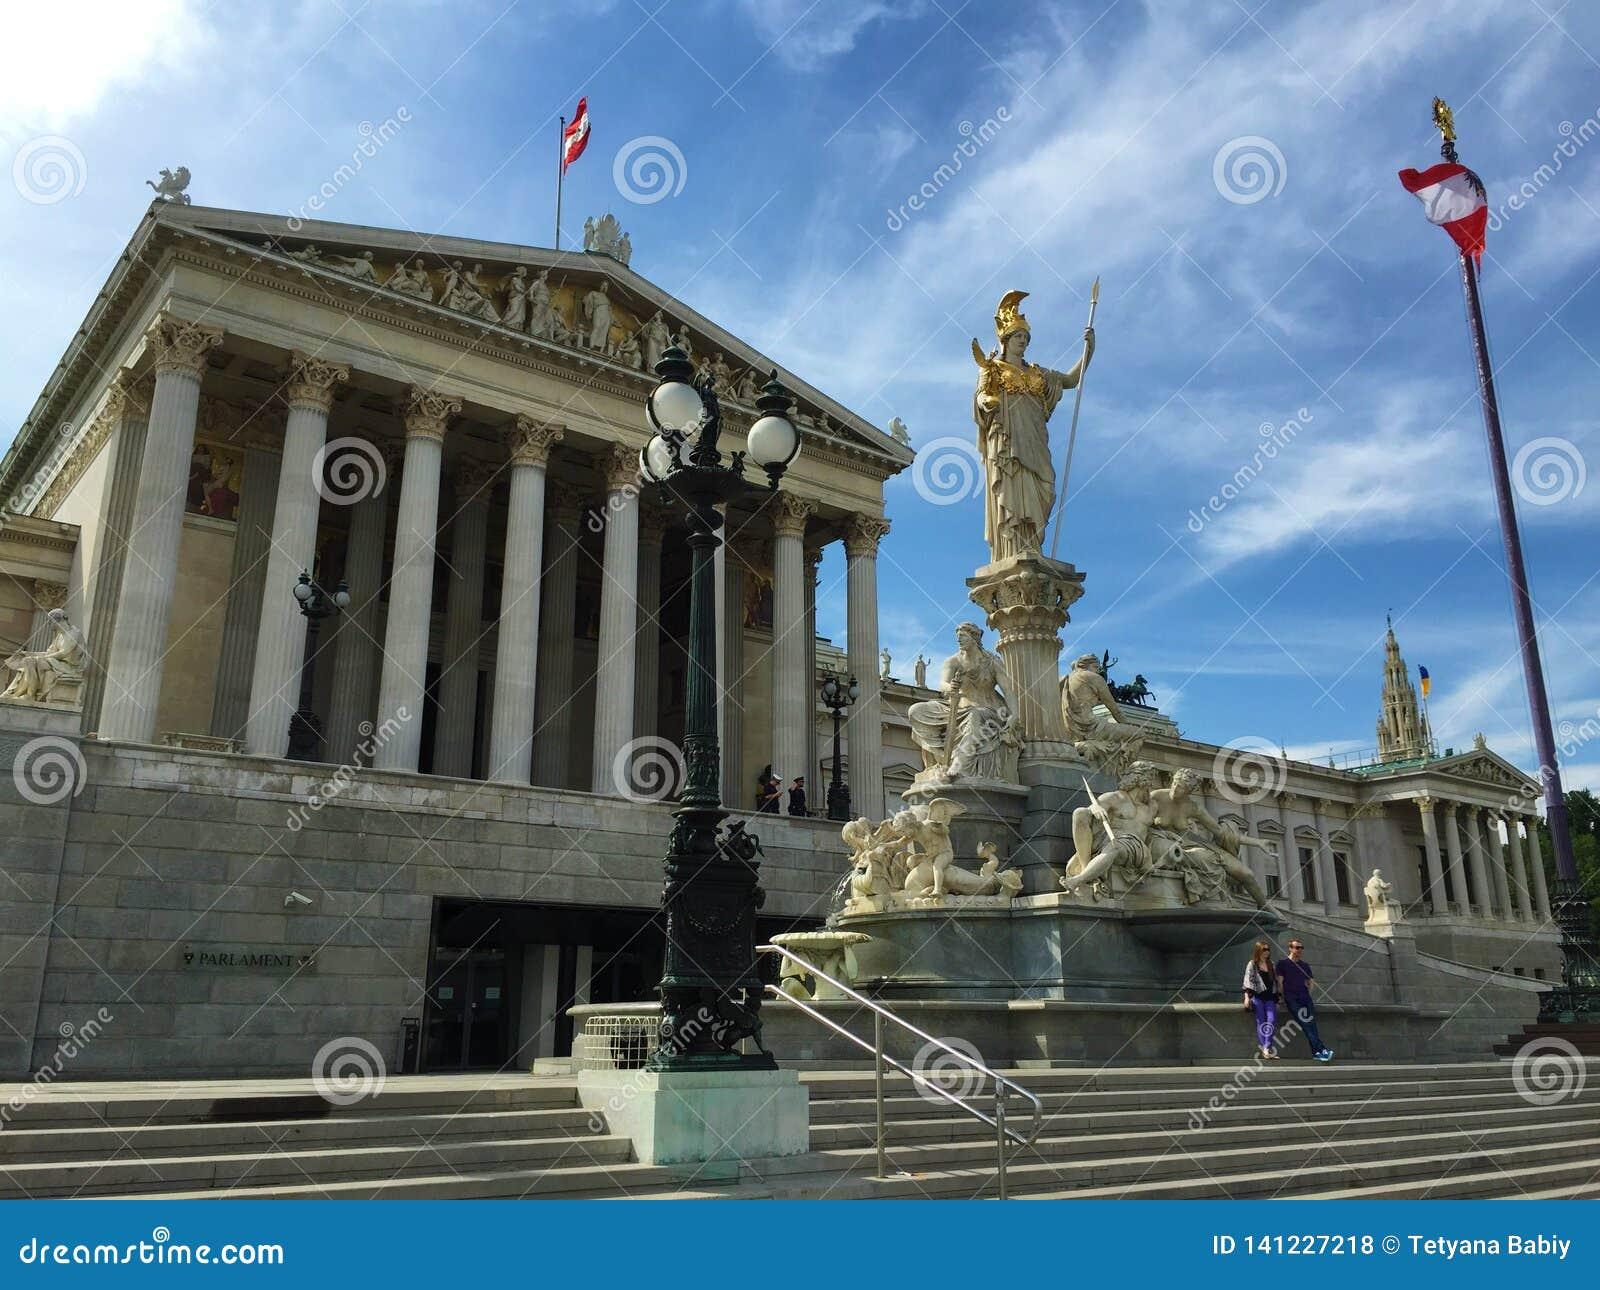 Wenen - één van de meest bezochte steden van Europa - het parlement, standbeeldpallas Athena, goddes